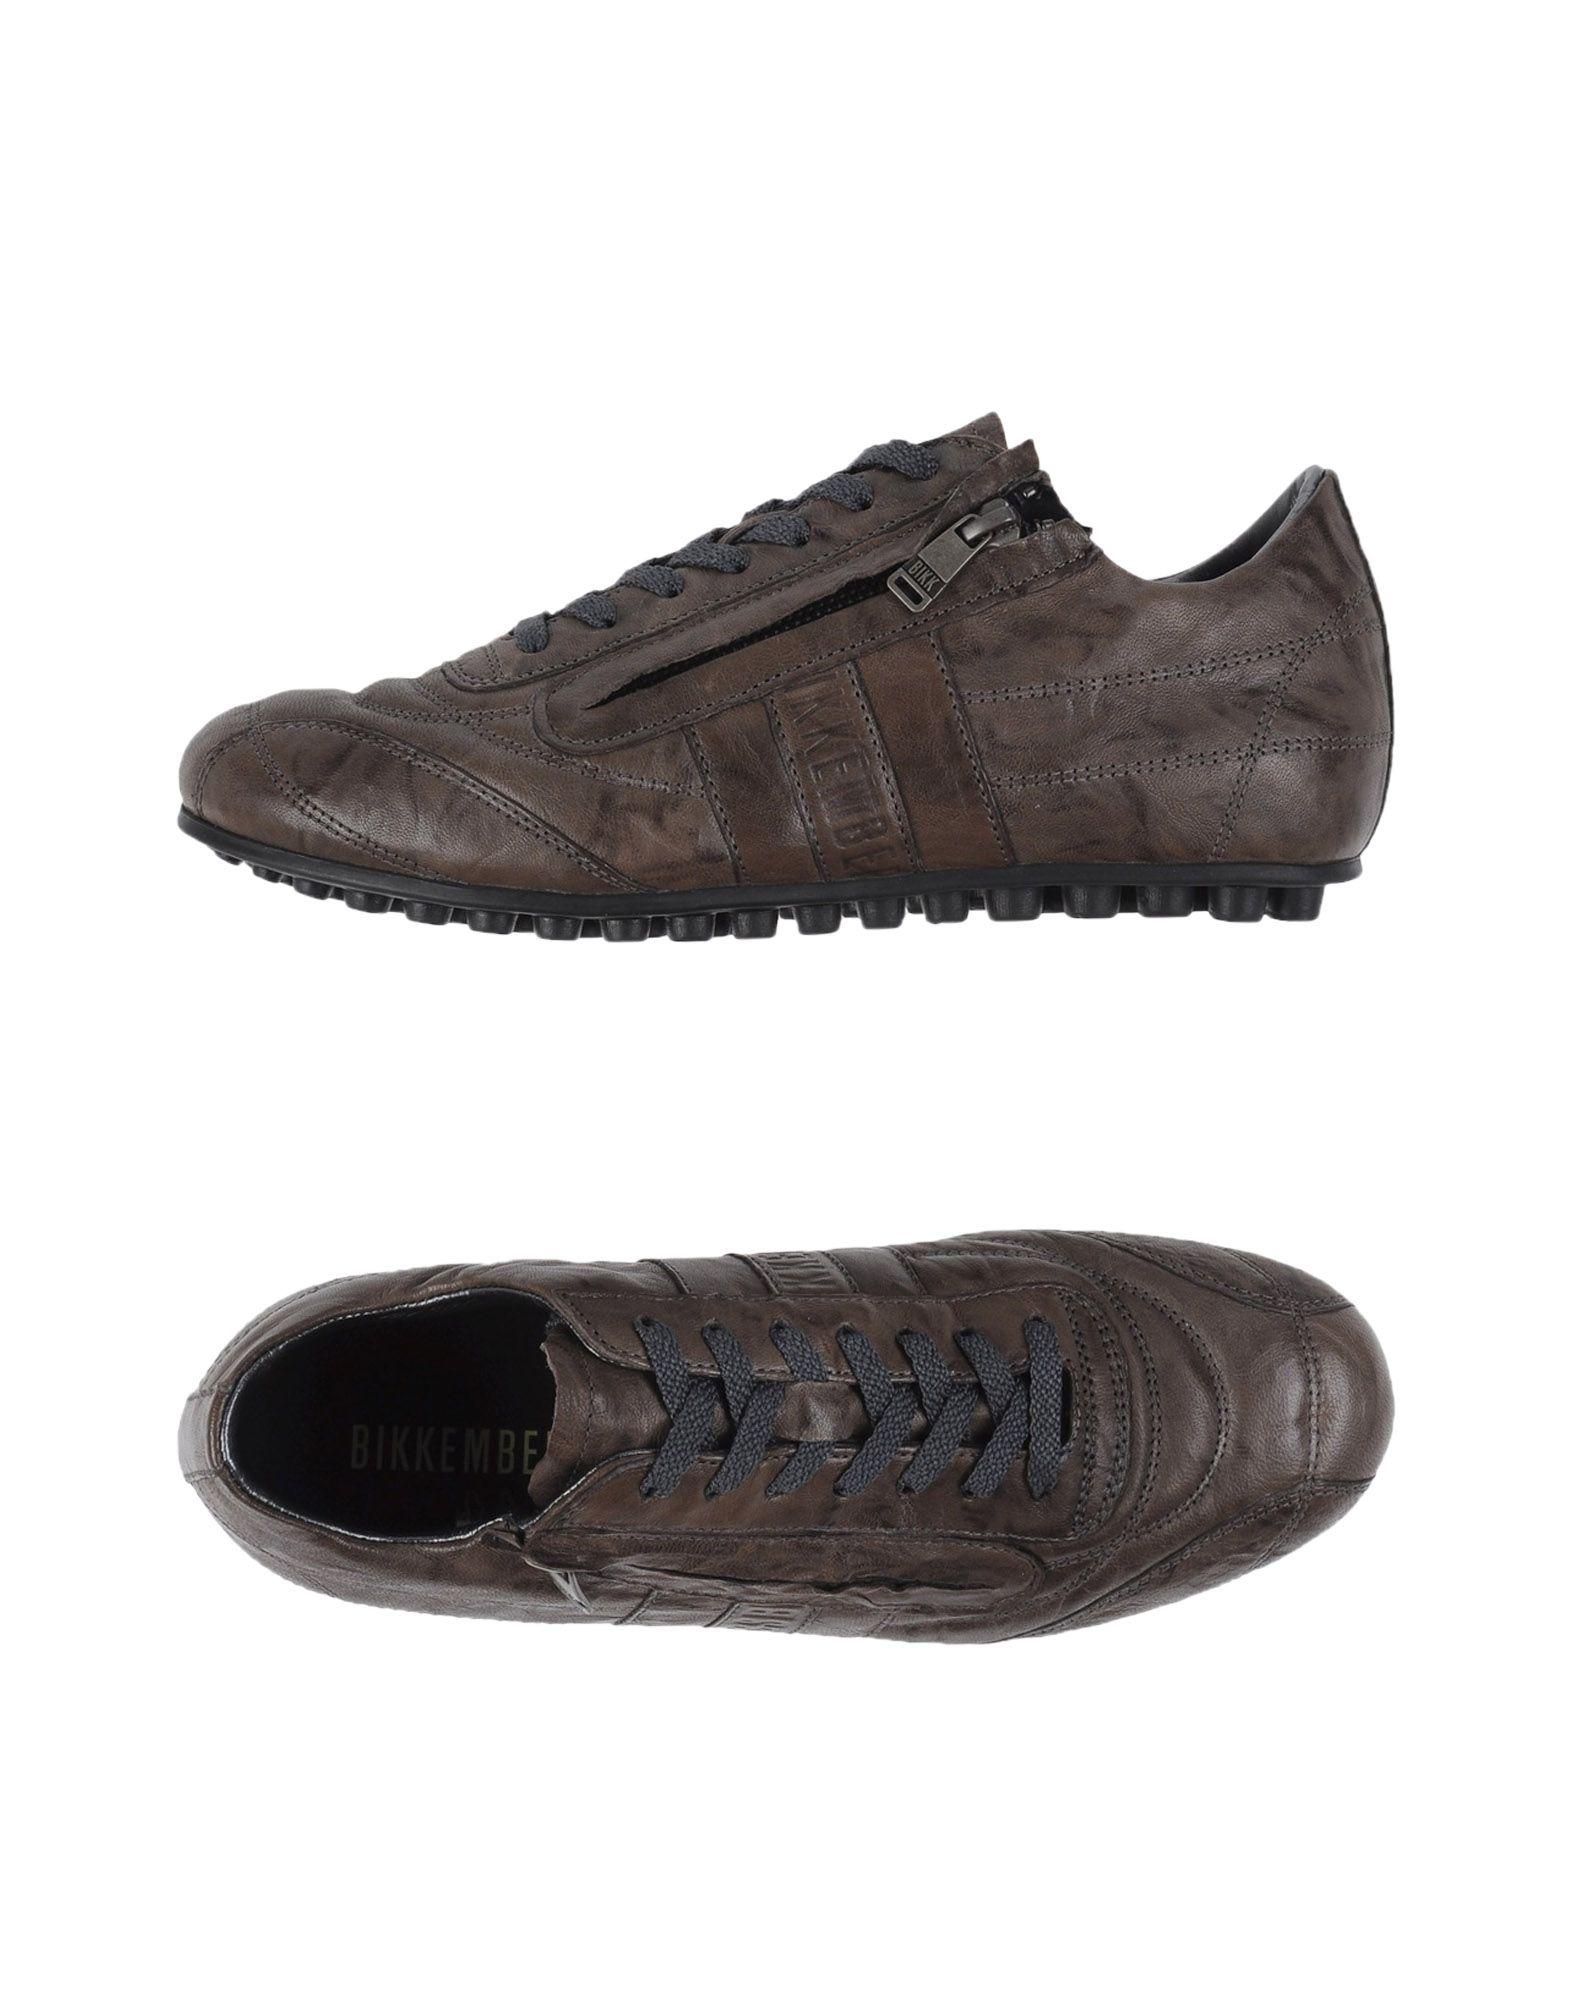 Bikkembergs Sneakers - - - Men Bikkembergs Sneakers online on  Australia - 11181774HV 13cd07